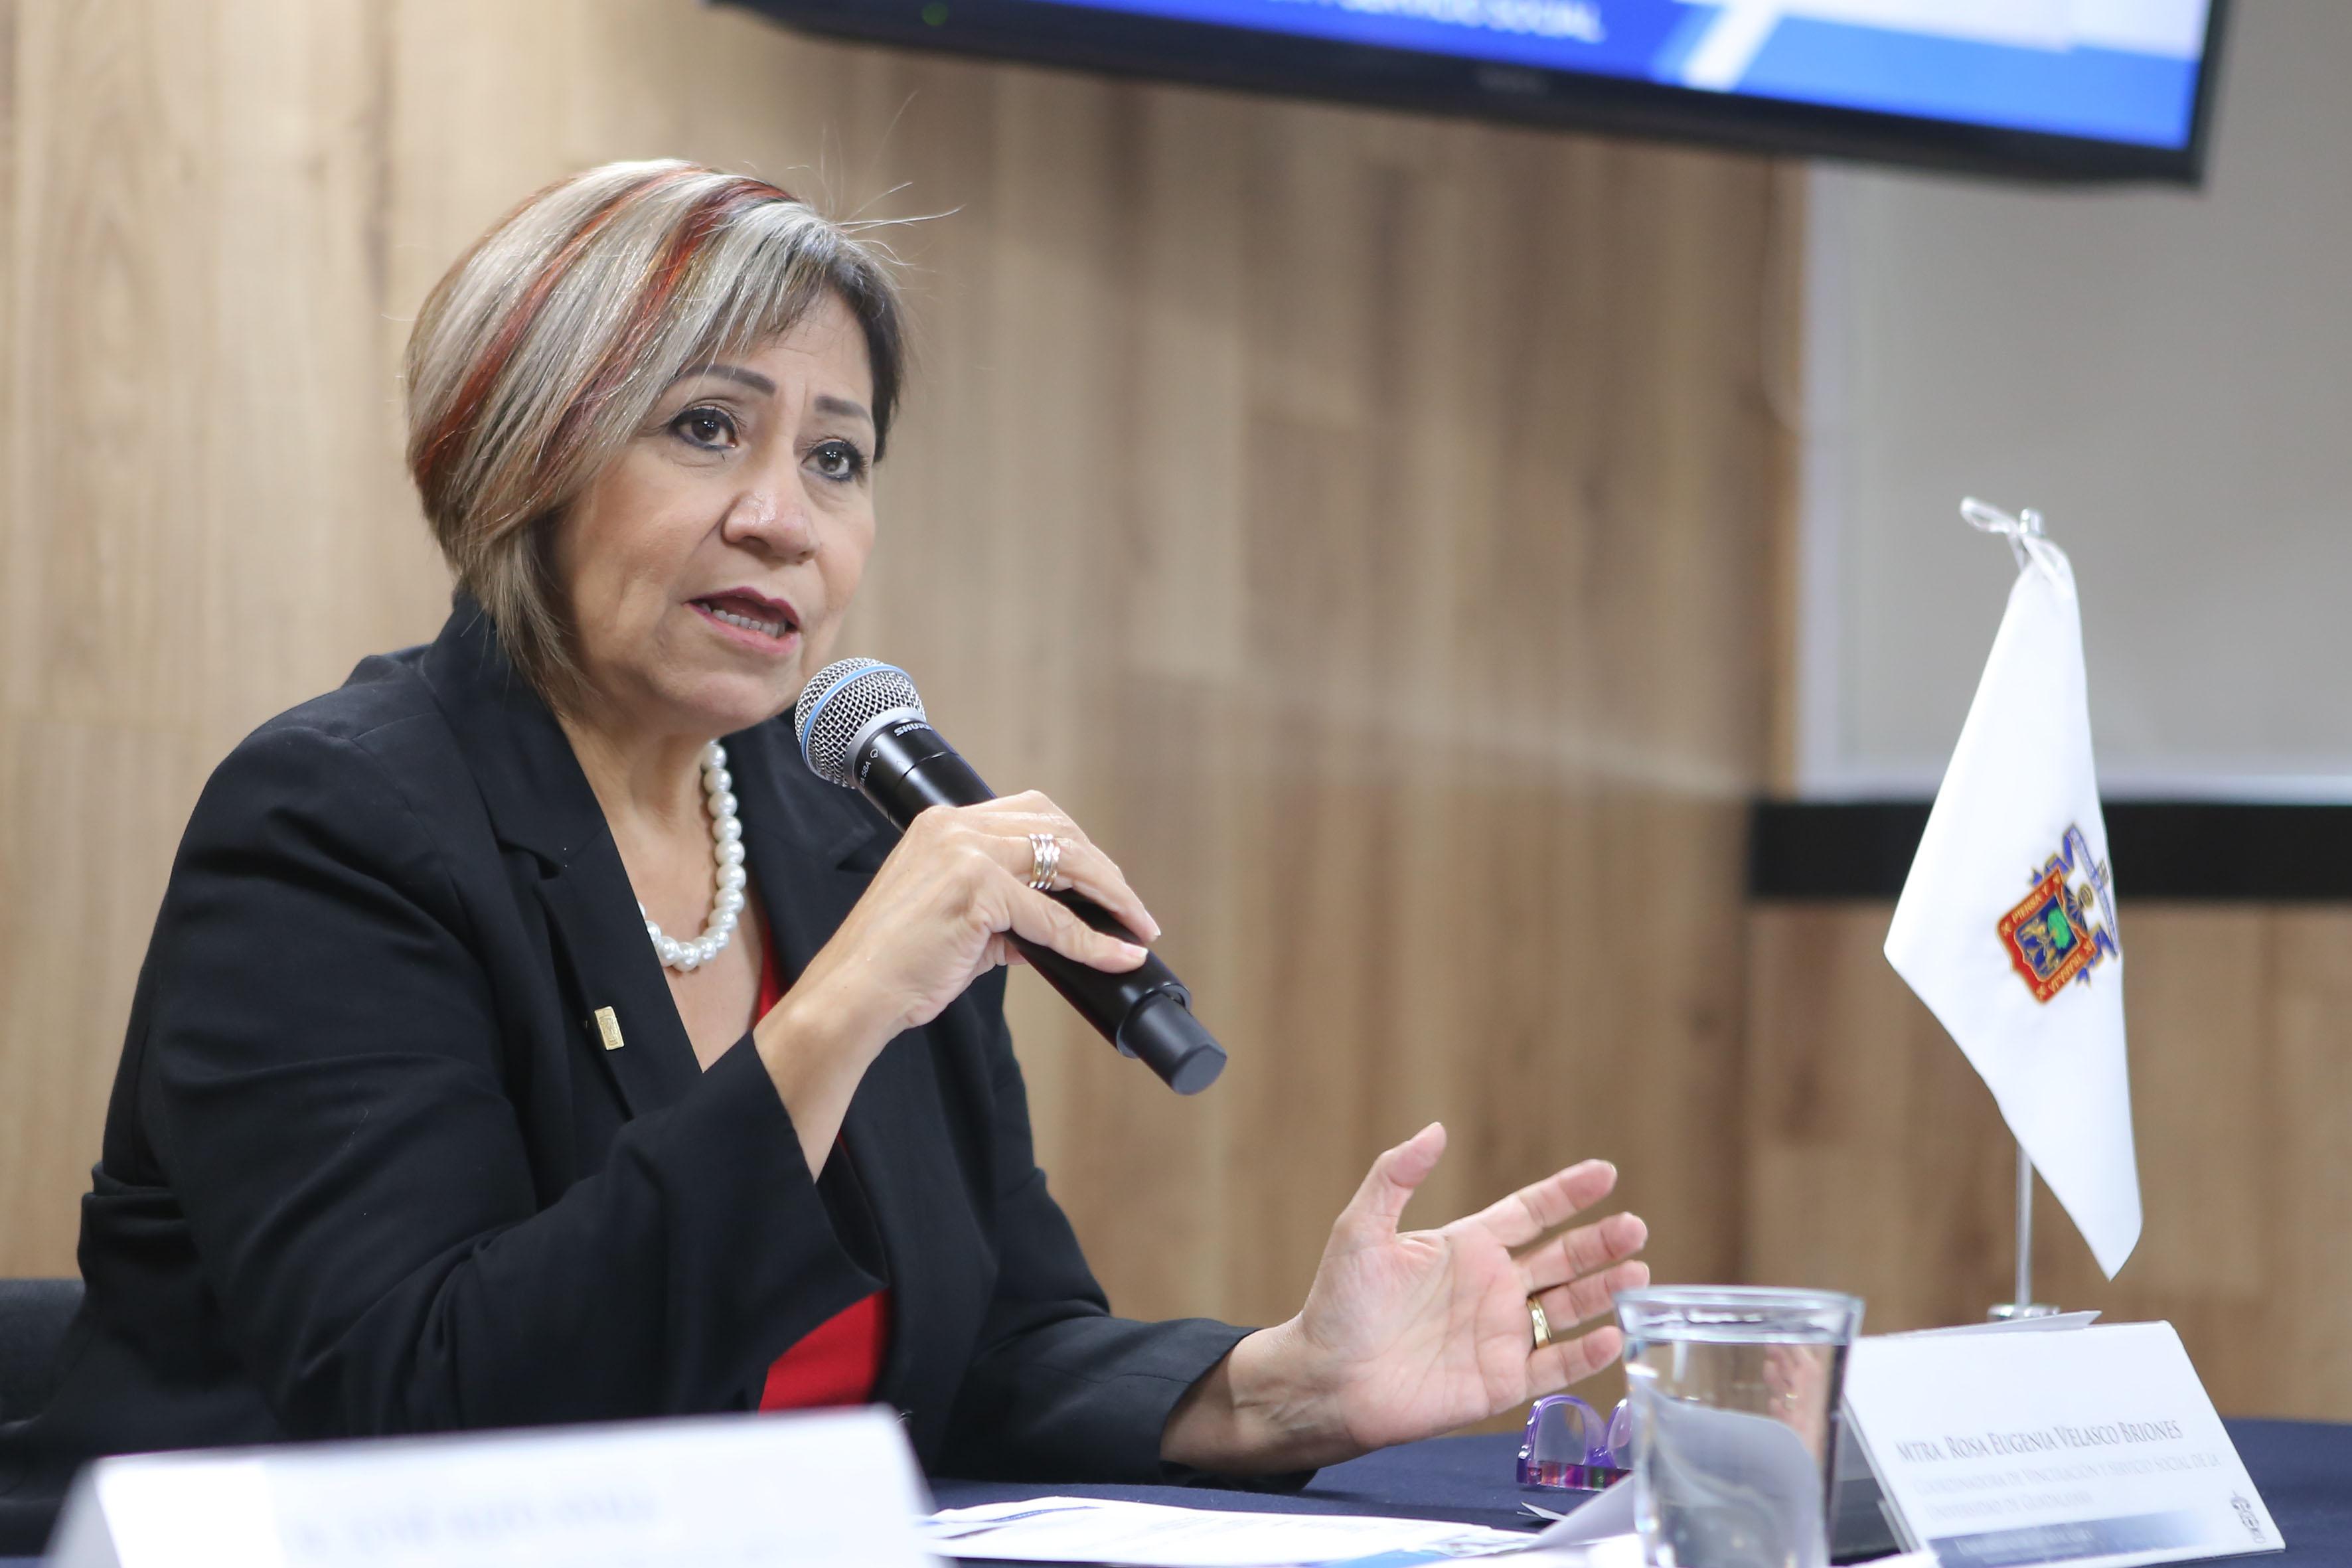 Maestra Rosa Eugenia Velasco Briones, titular de la Coordinación de Vinculación de Servicio Social (CVSS), frente al micrófono.